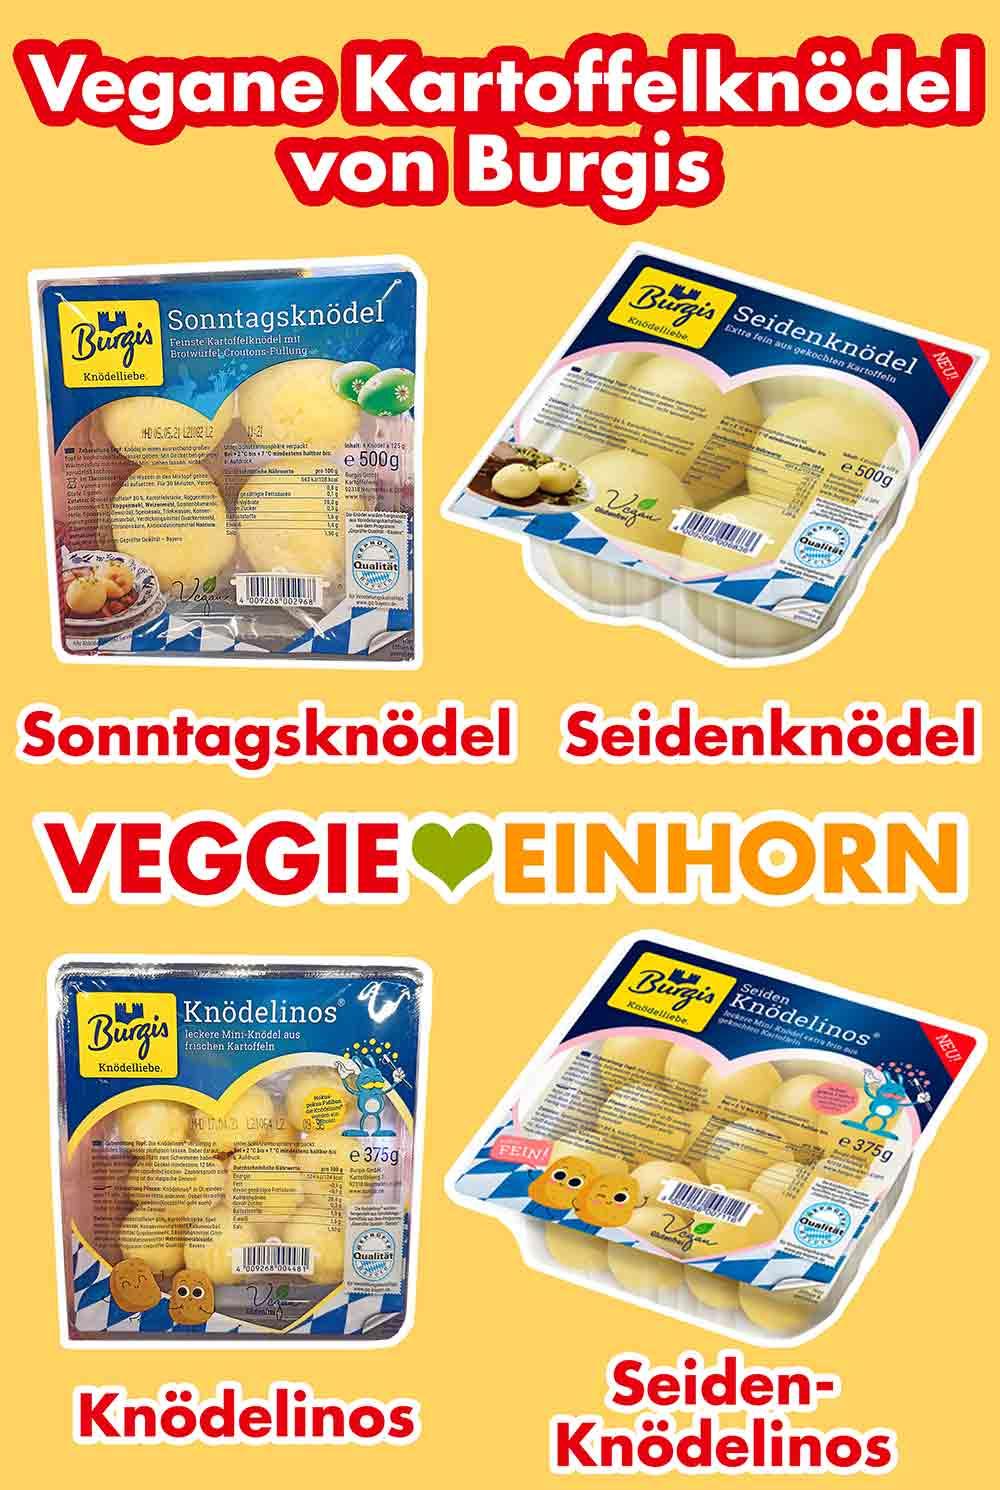 Vegane Kartoffelknödel von Burgis